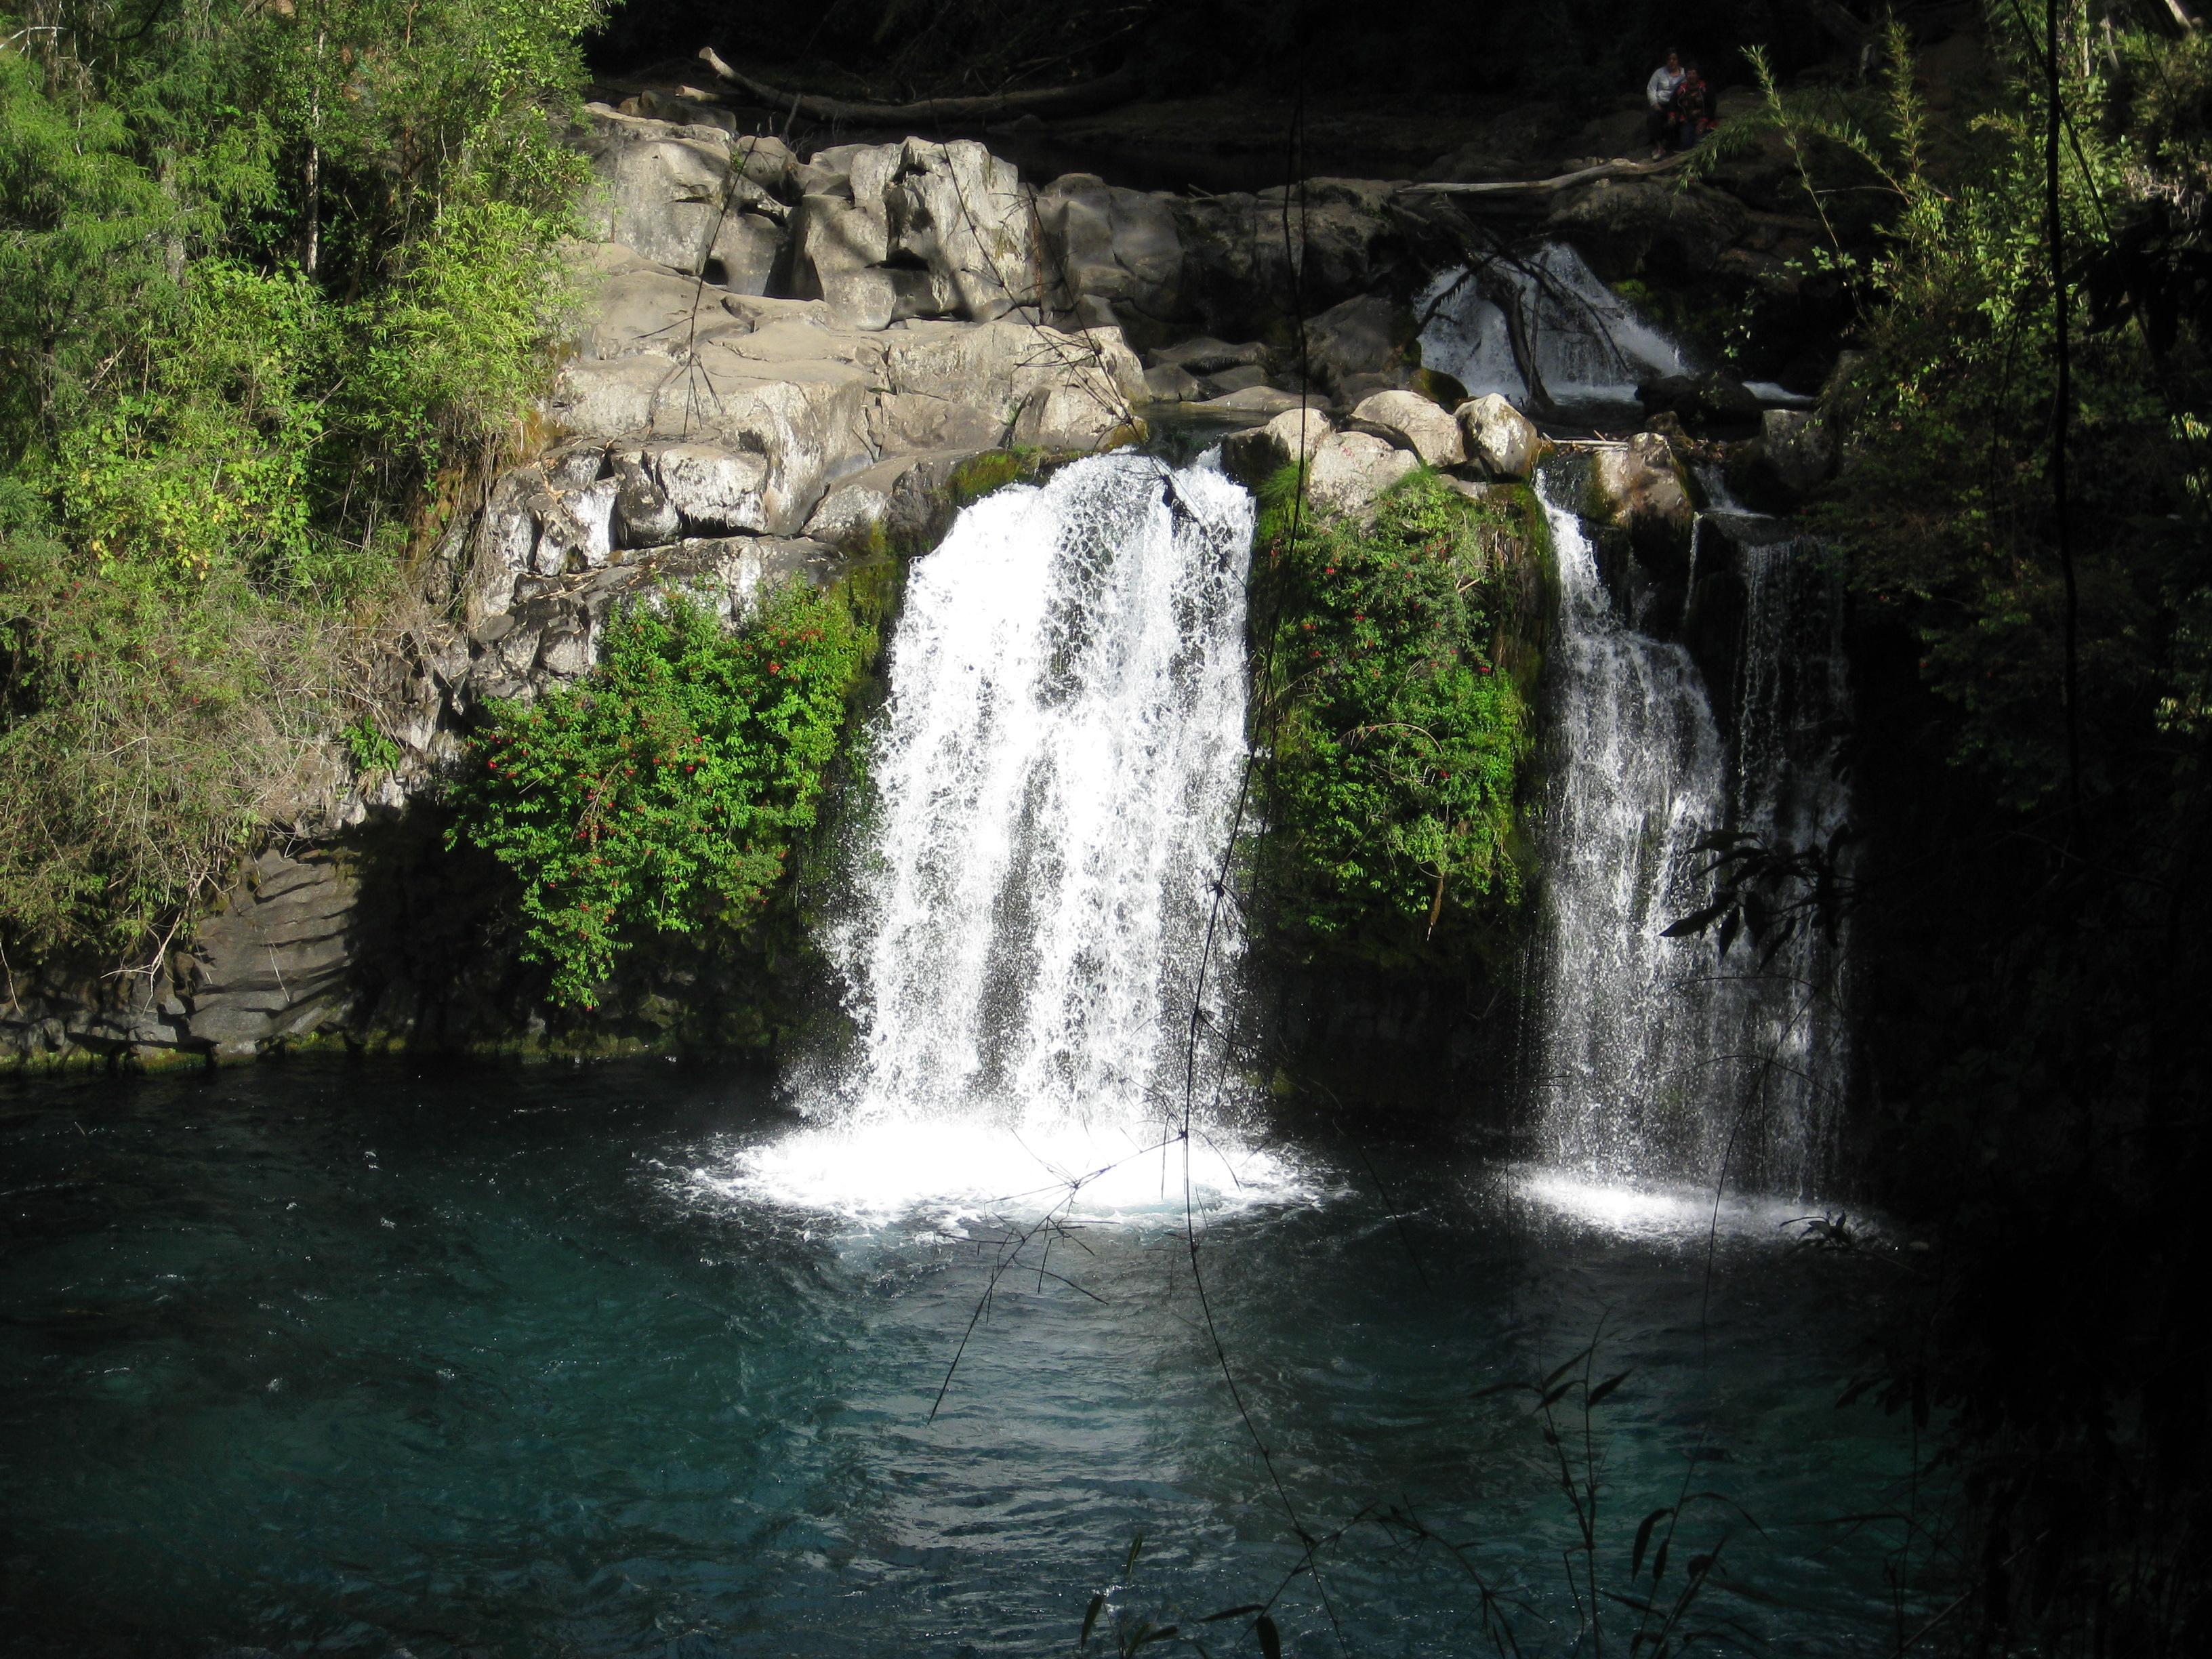 Lo Mejor de Pucón, Villarrica y alrededores